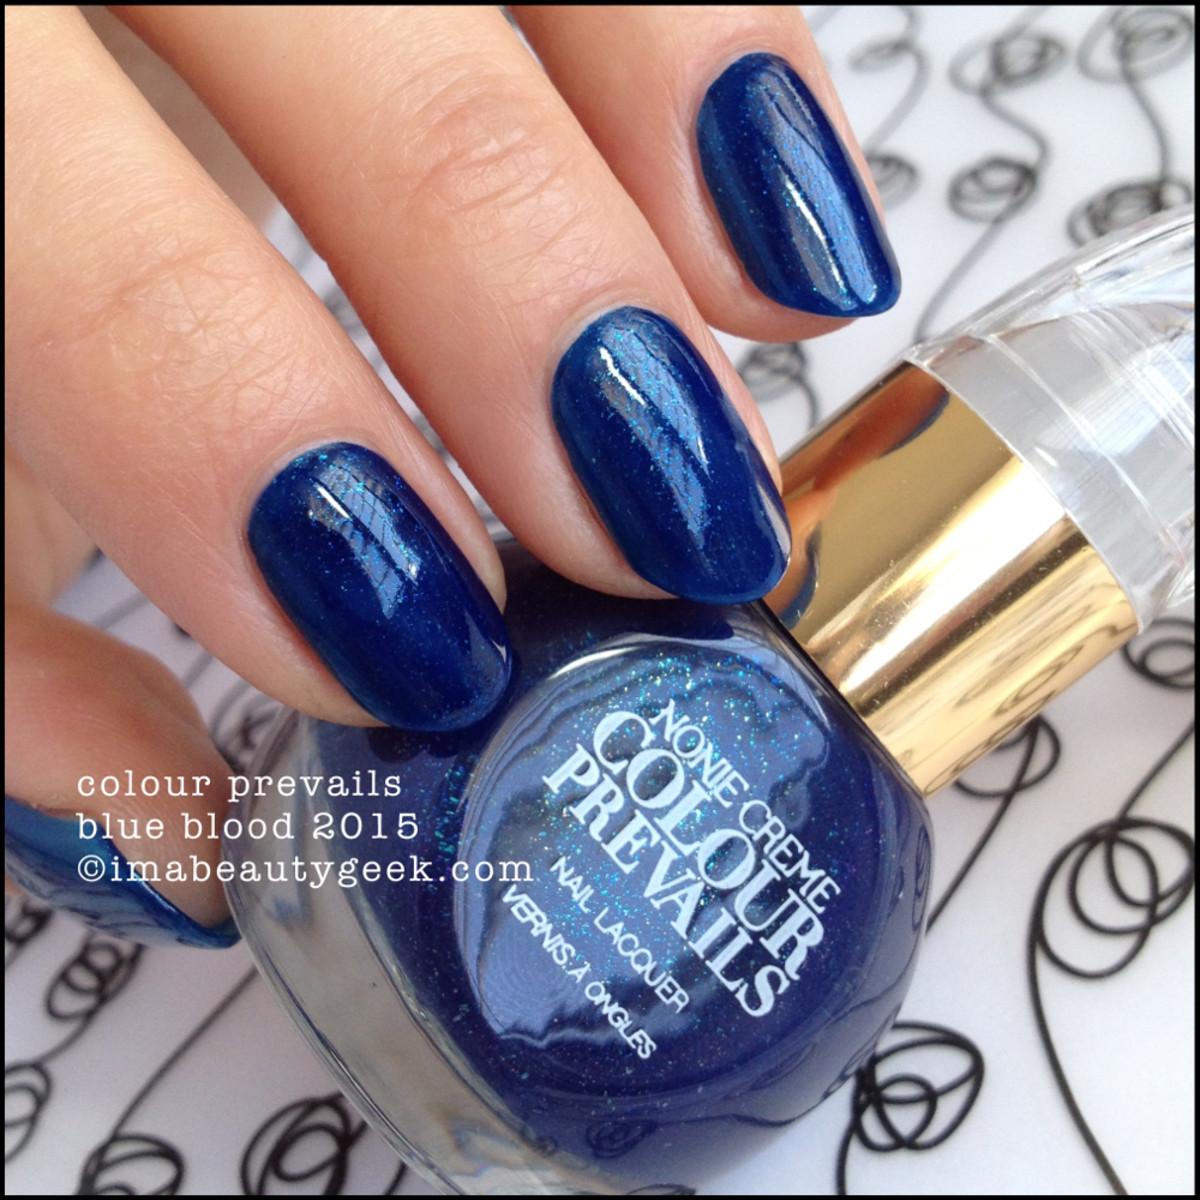 Colour Prevails Blue Blood 1 coat